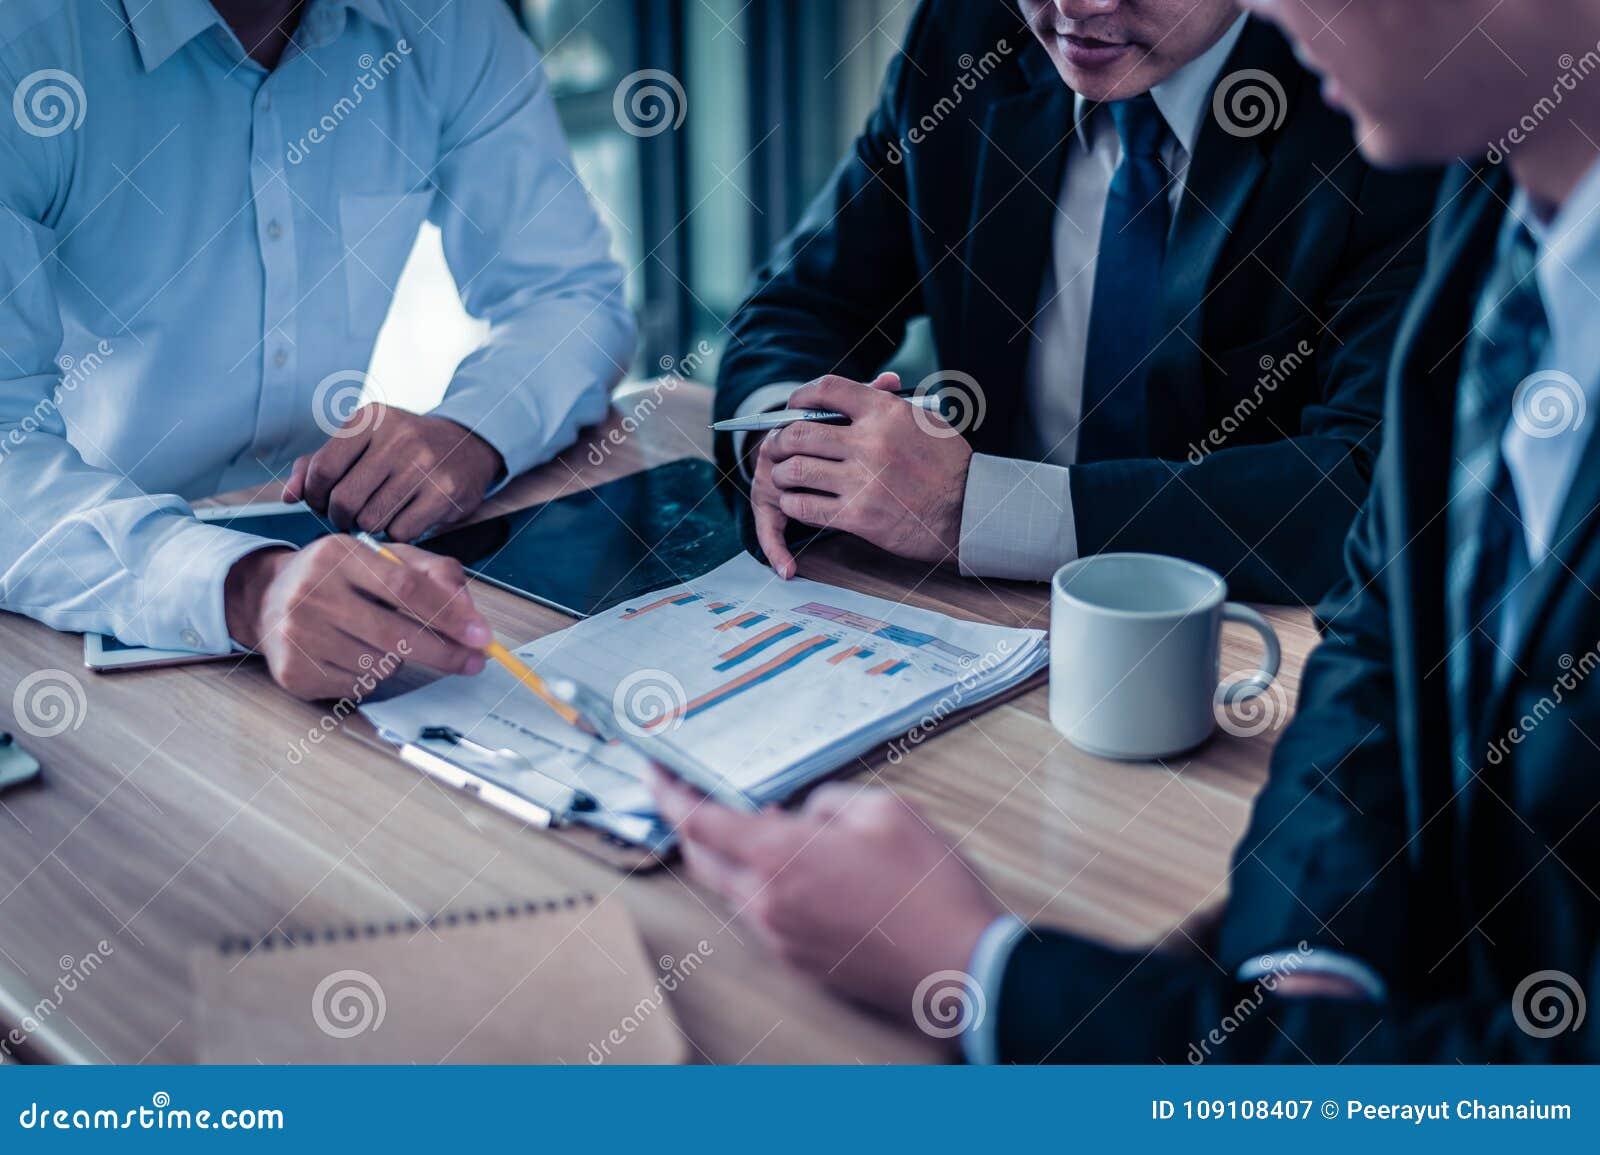 L uomo d affari tre che esamina il grafico in carta e parla del business plan, dell introduzione sul mercato e di finanziario in